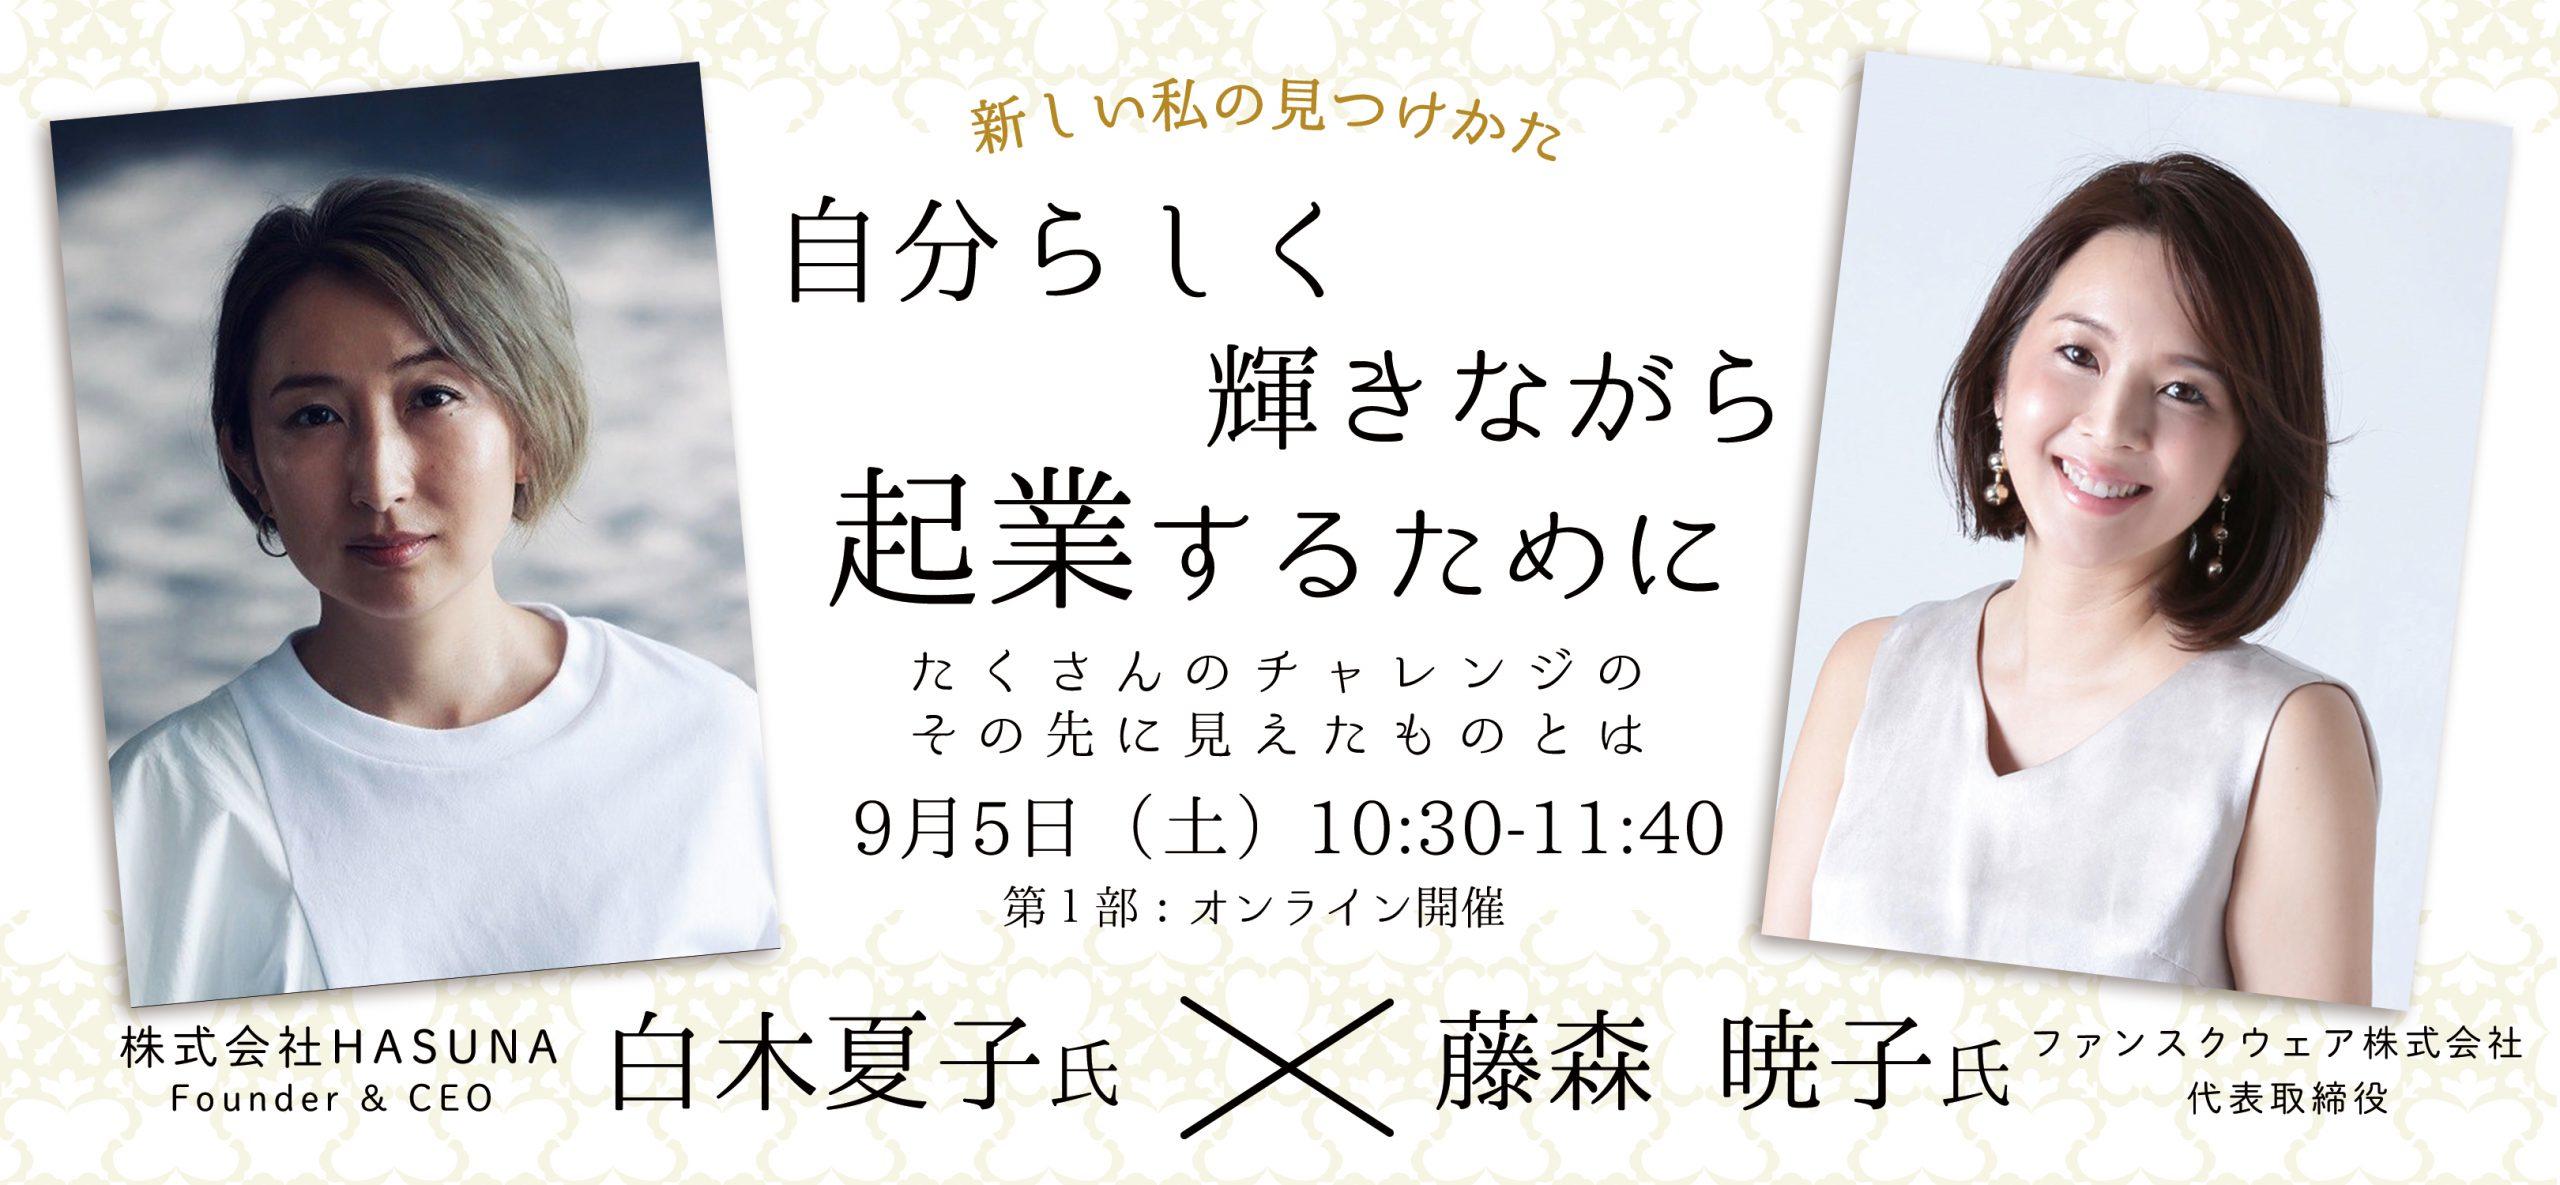 藤森暁子_ファンスクウェア株式会社